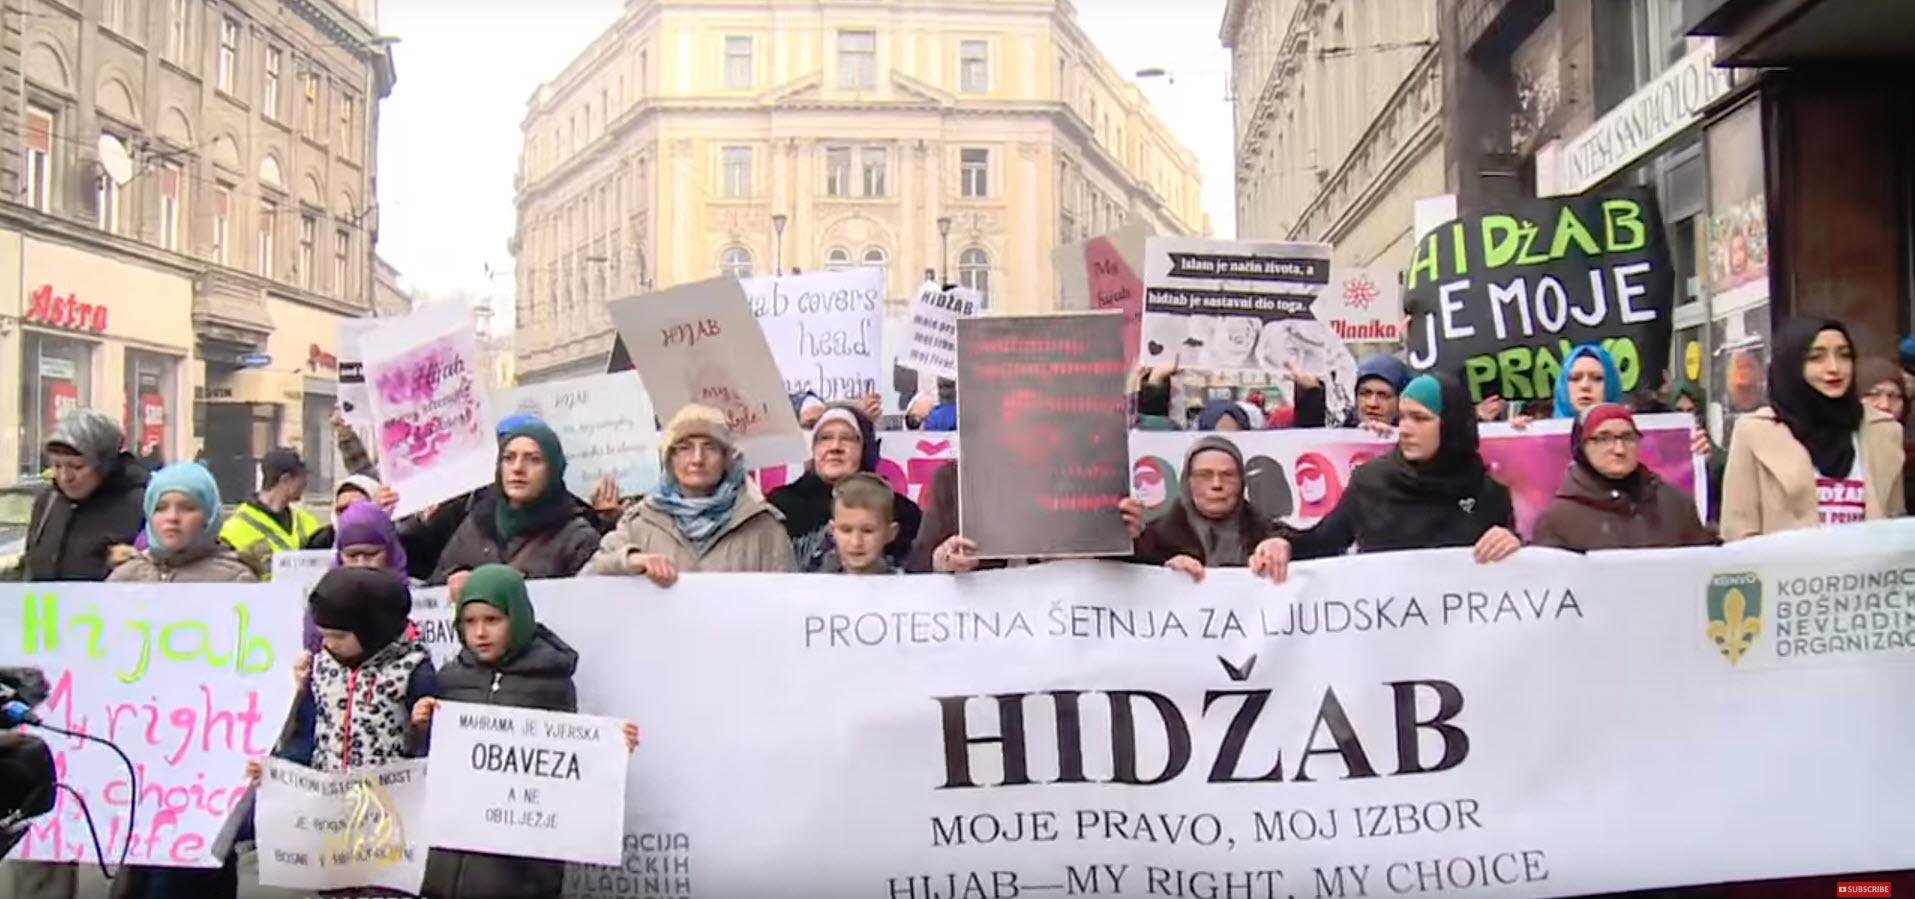 Sarajevo in muslimanke v 21. stoletju, vir: YouTube